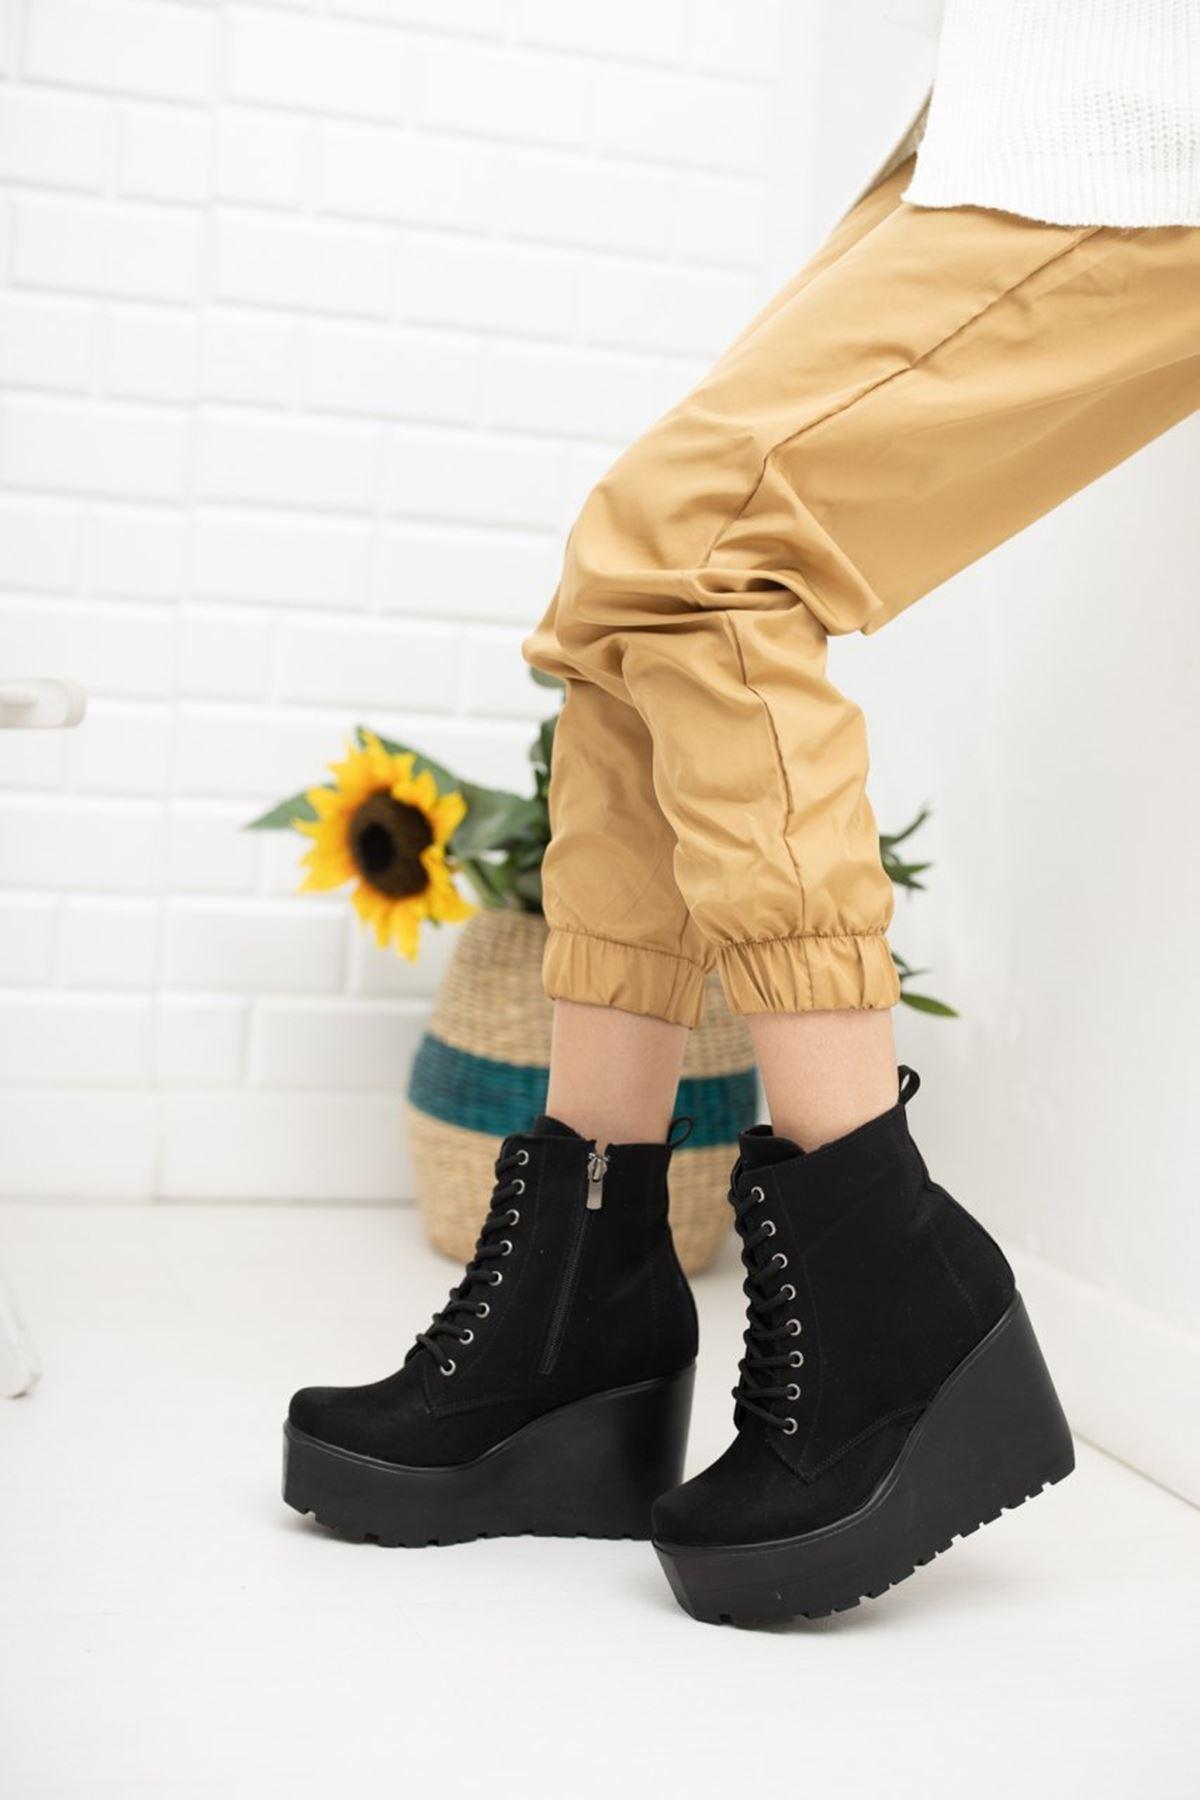 Kadın Sofiya Bağcıklı Dolgu Topuk  Siyah Süet Bot